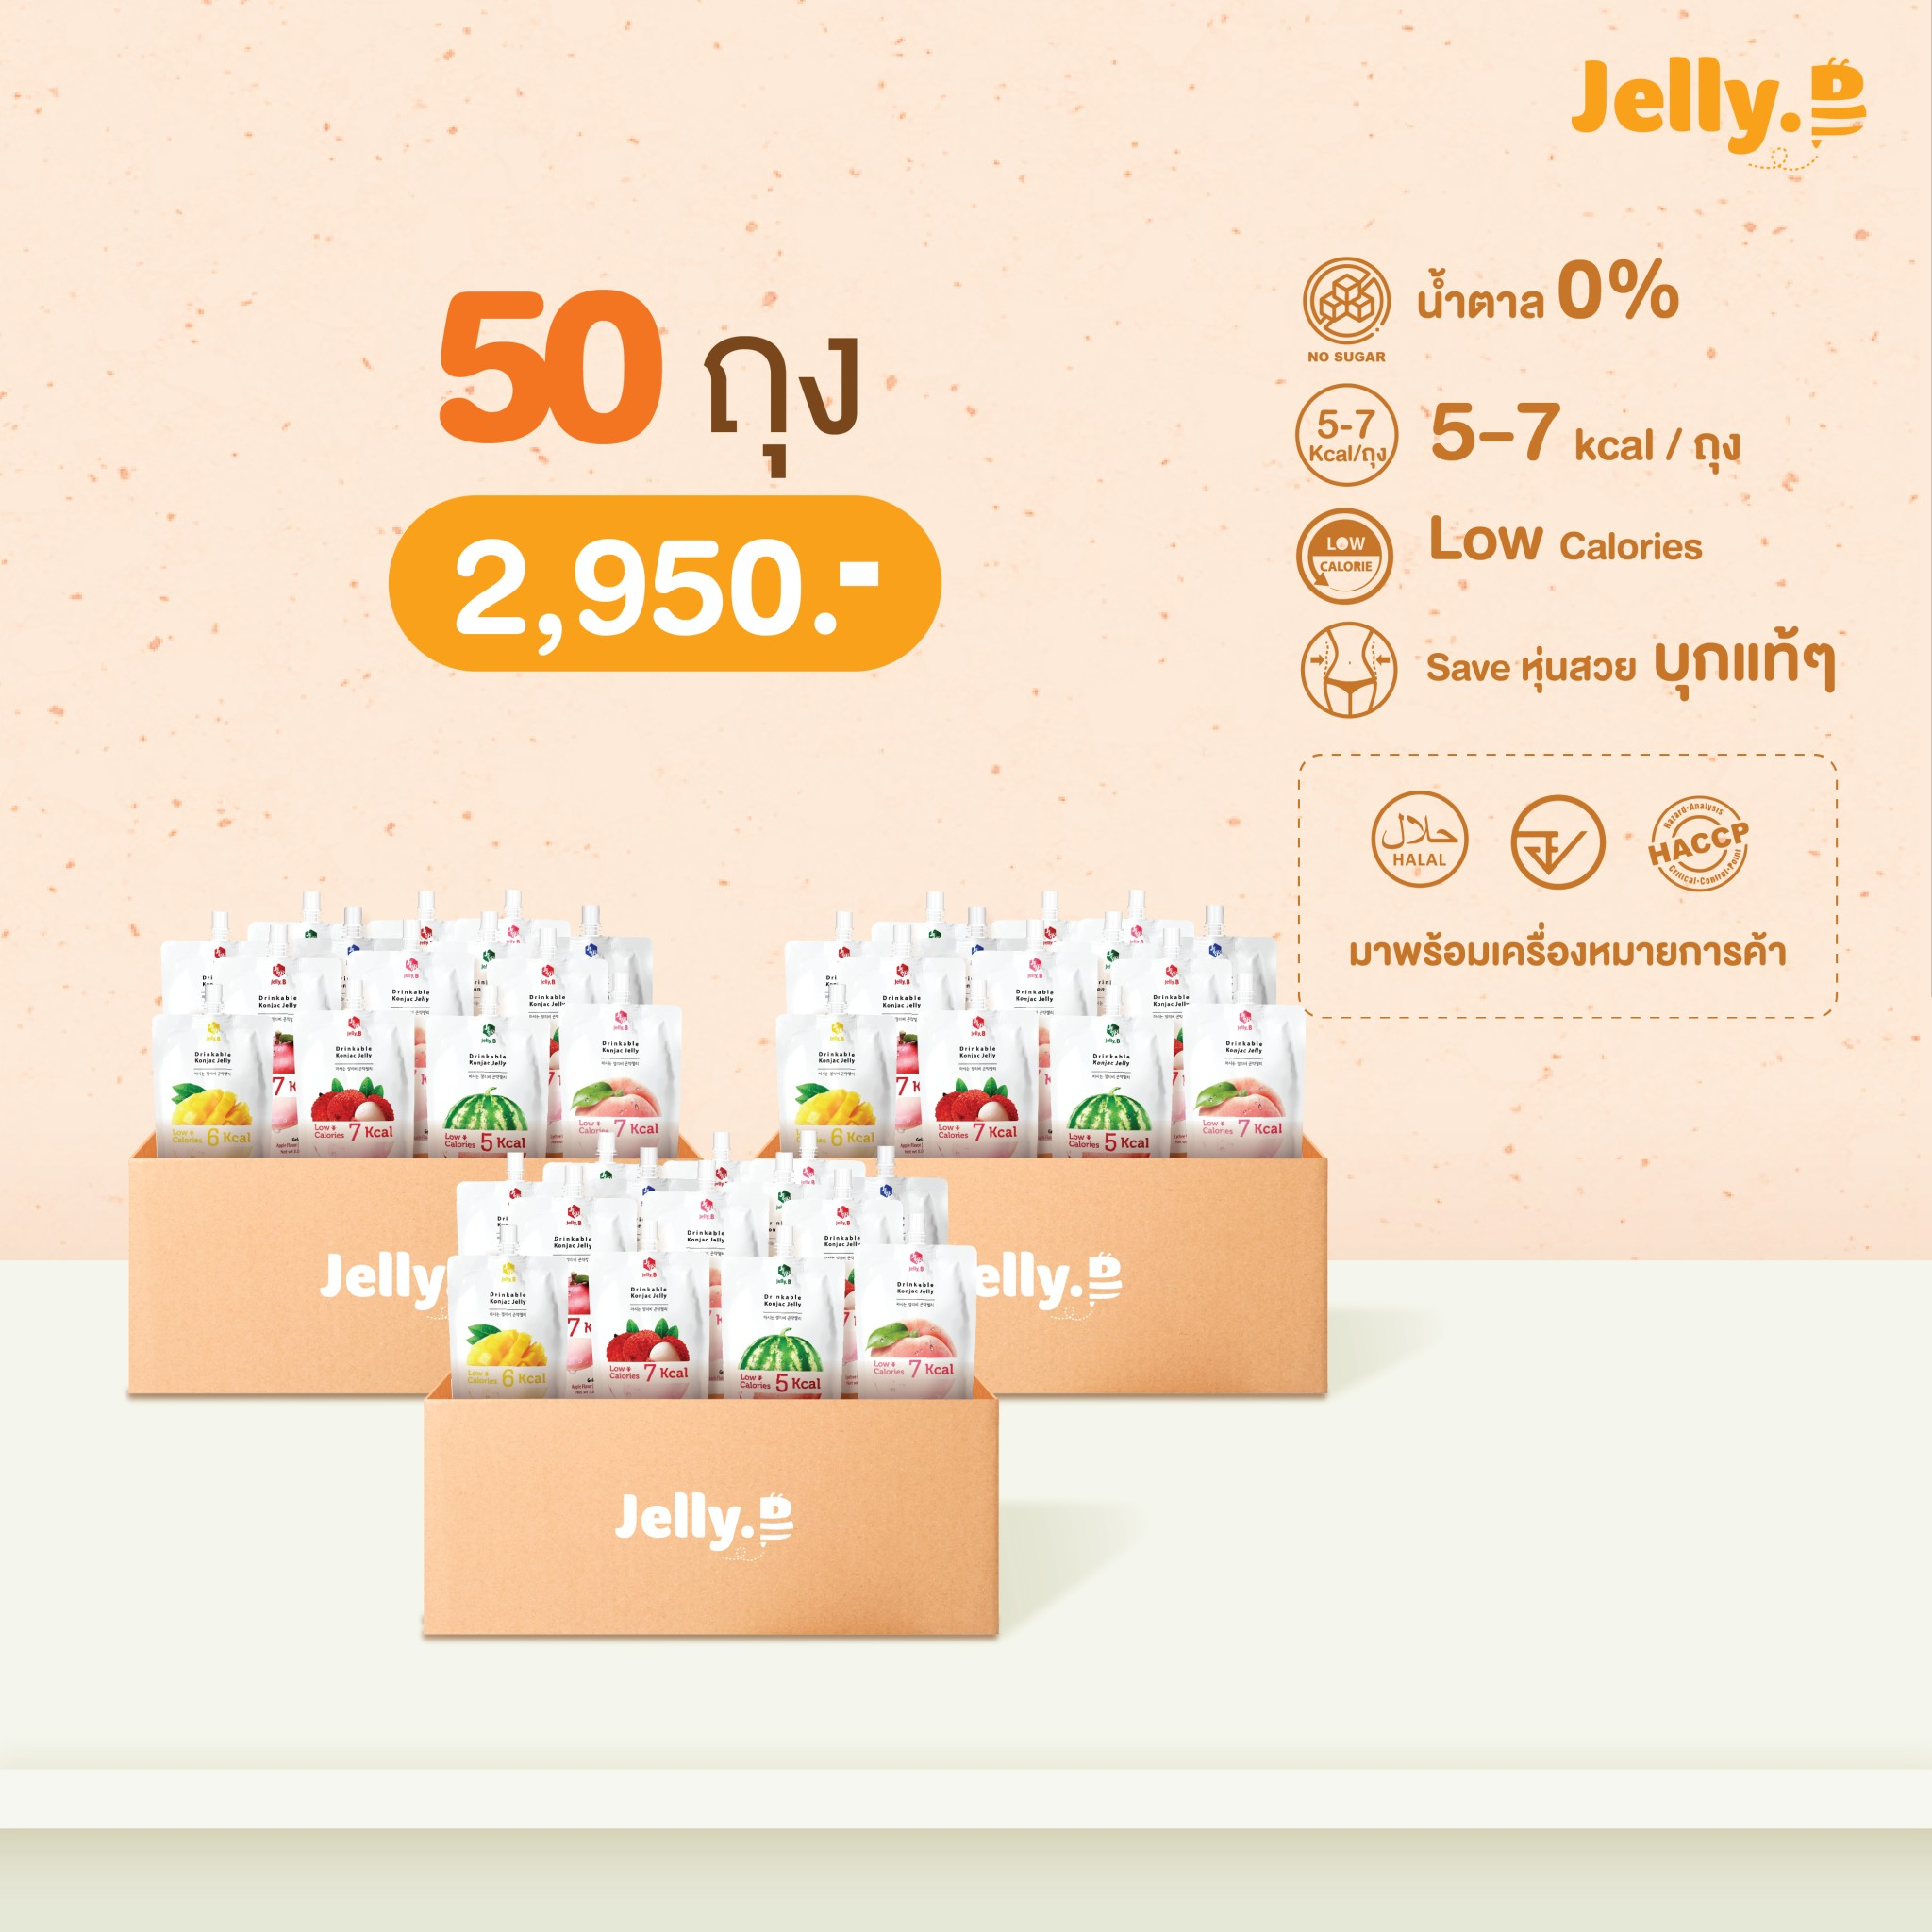 โปรยกลัง50ถุง JellyB บุกไดเอท น้ำตาล 0% แคลต่ำ ขนมไม่อ้วน ขนมเกาหลี คุมน้ำหนัก? คุมหิว? นำเข้าจากเกาหลี